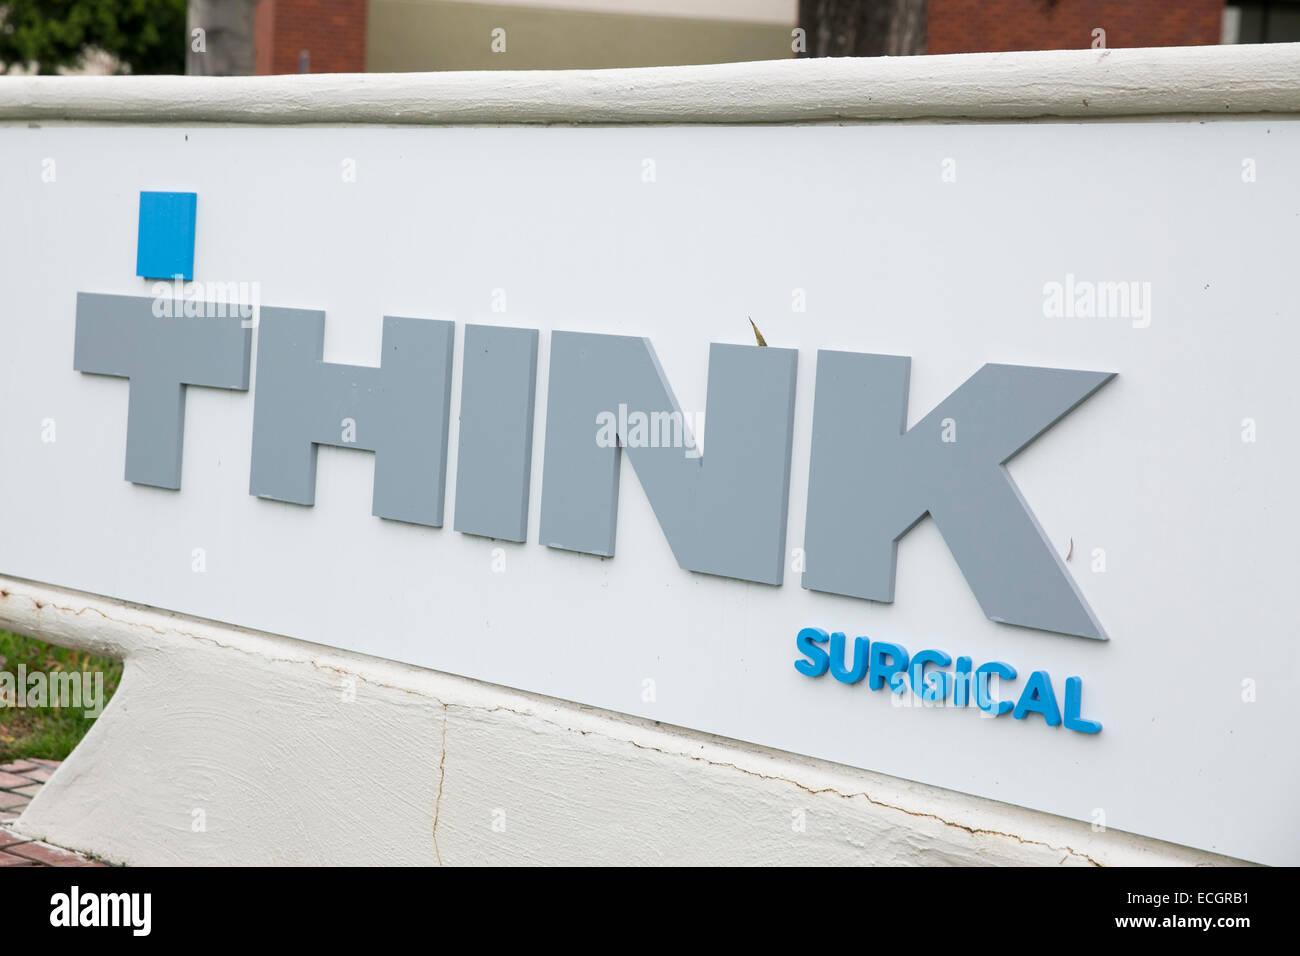 La sede de pensar quirúrgico. Imagen De Stock